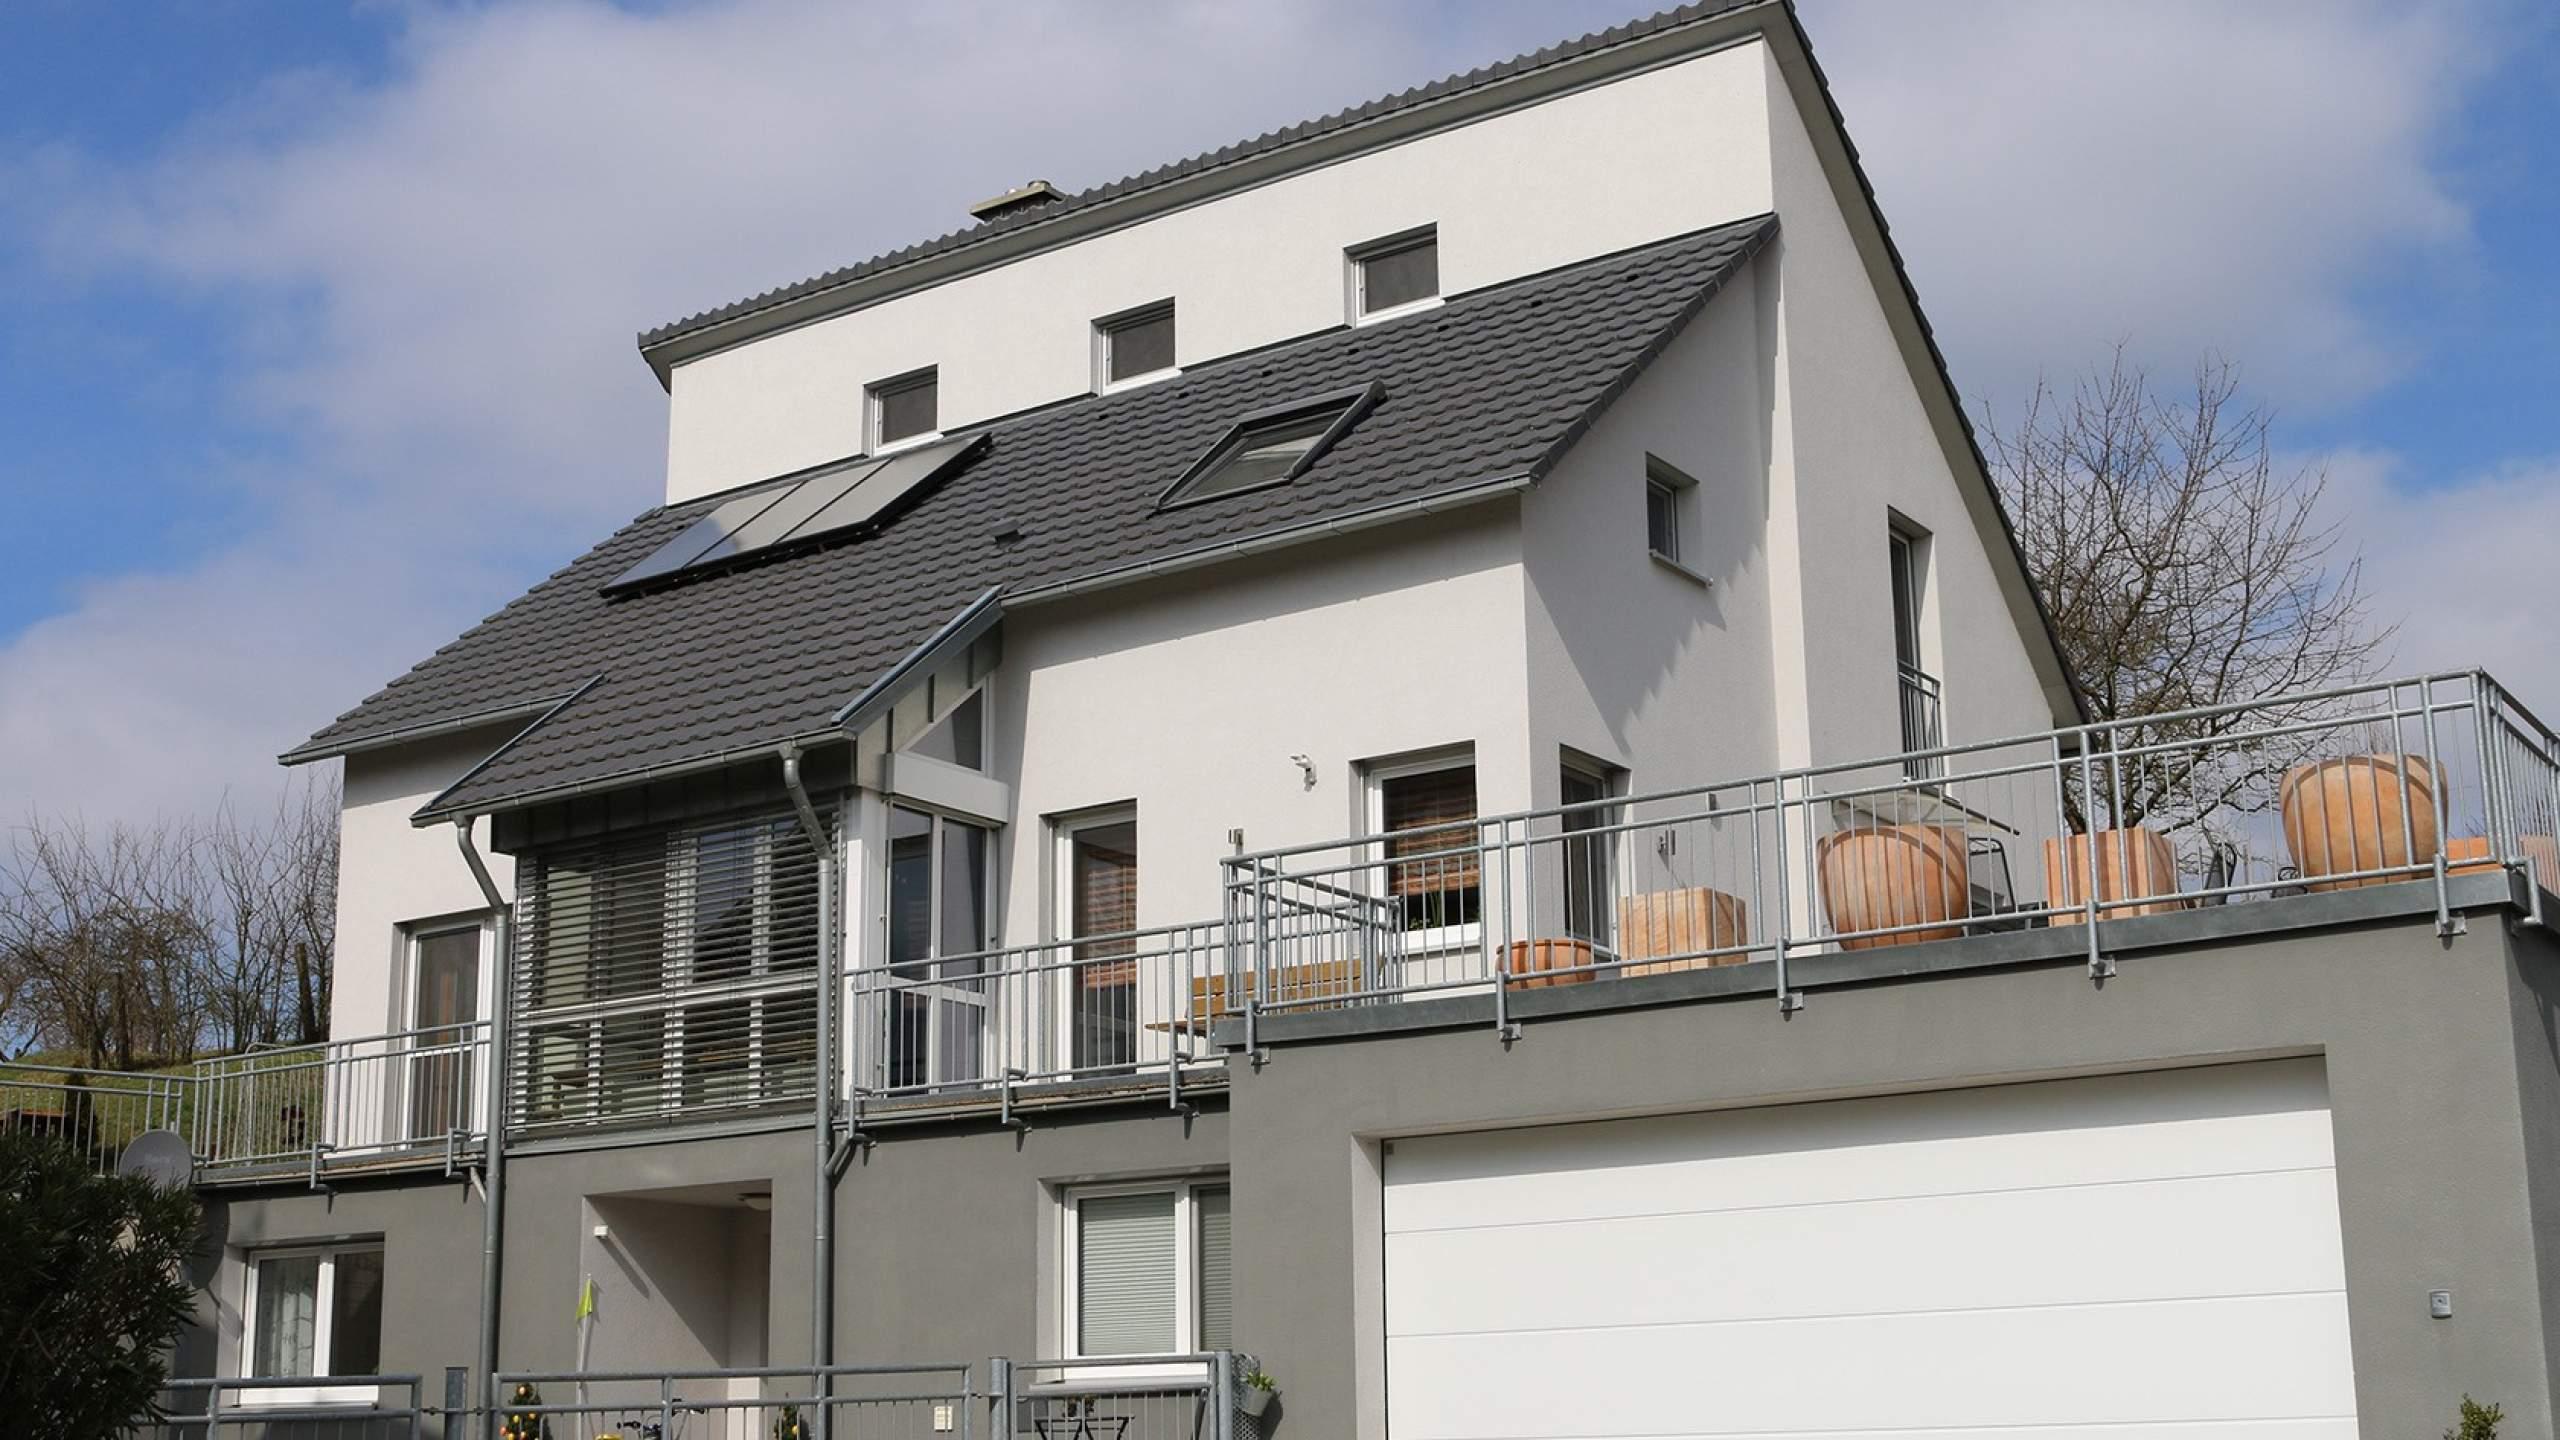 Mehrfamilienwohnhaus Modern mit großem Balkon